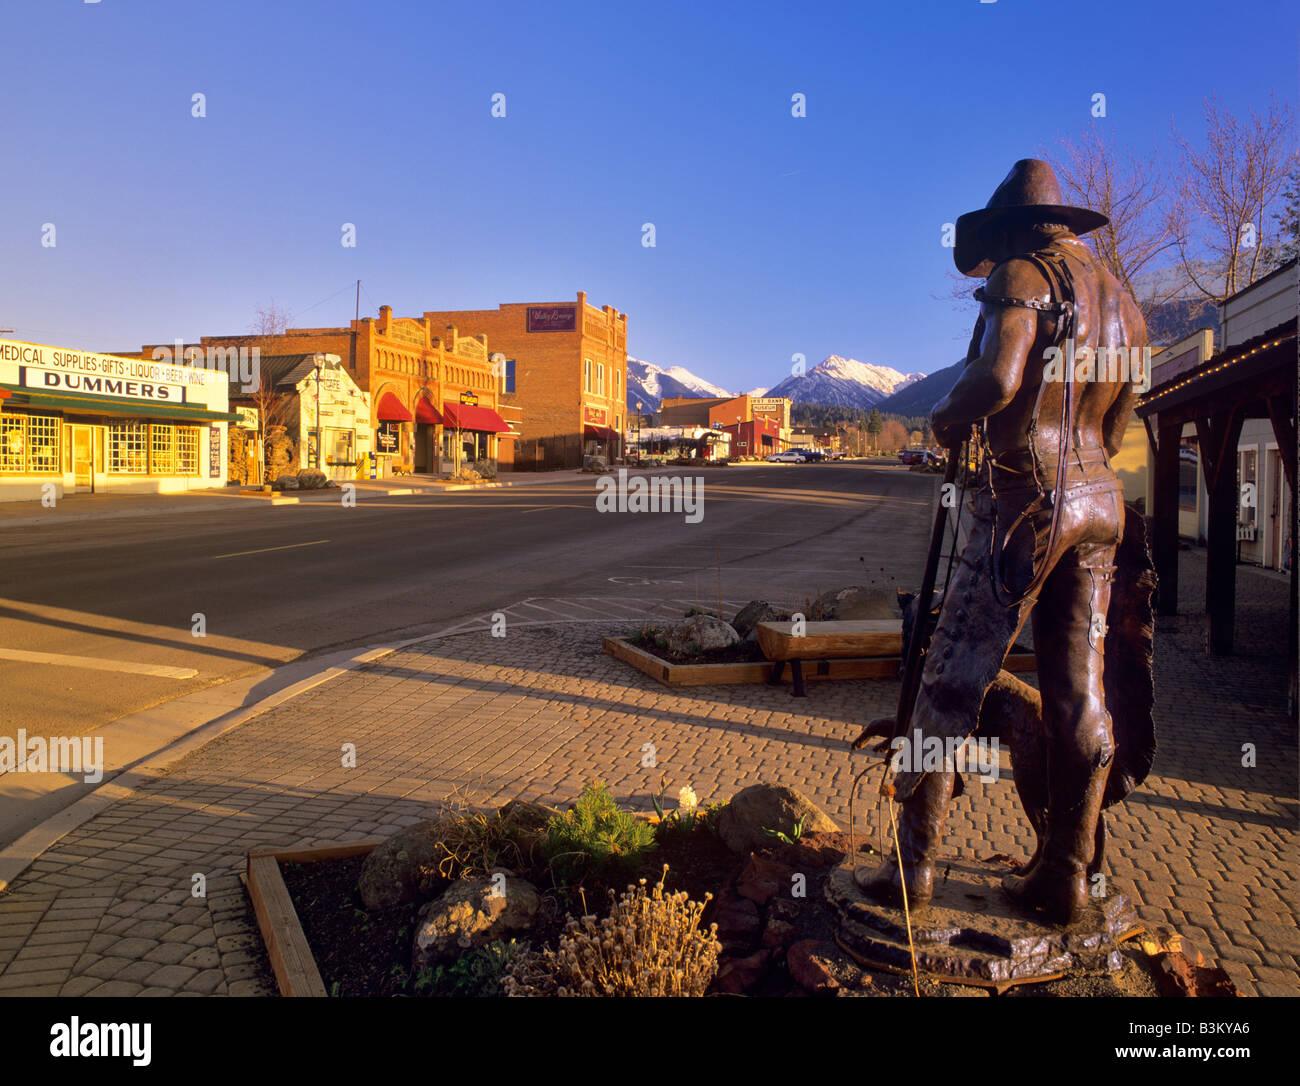 Downtown Joseph with Wallowa Mountains Oregon - Stock Image